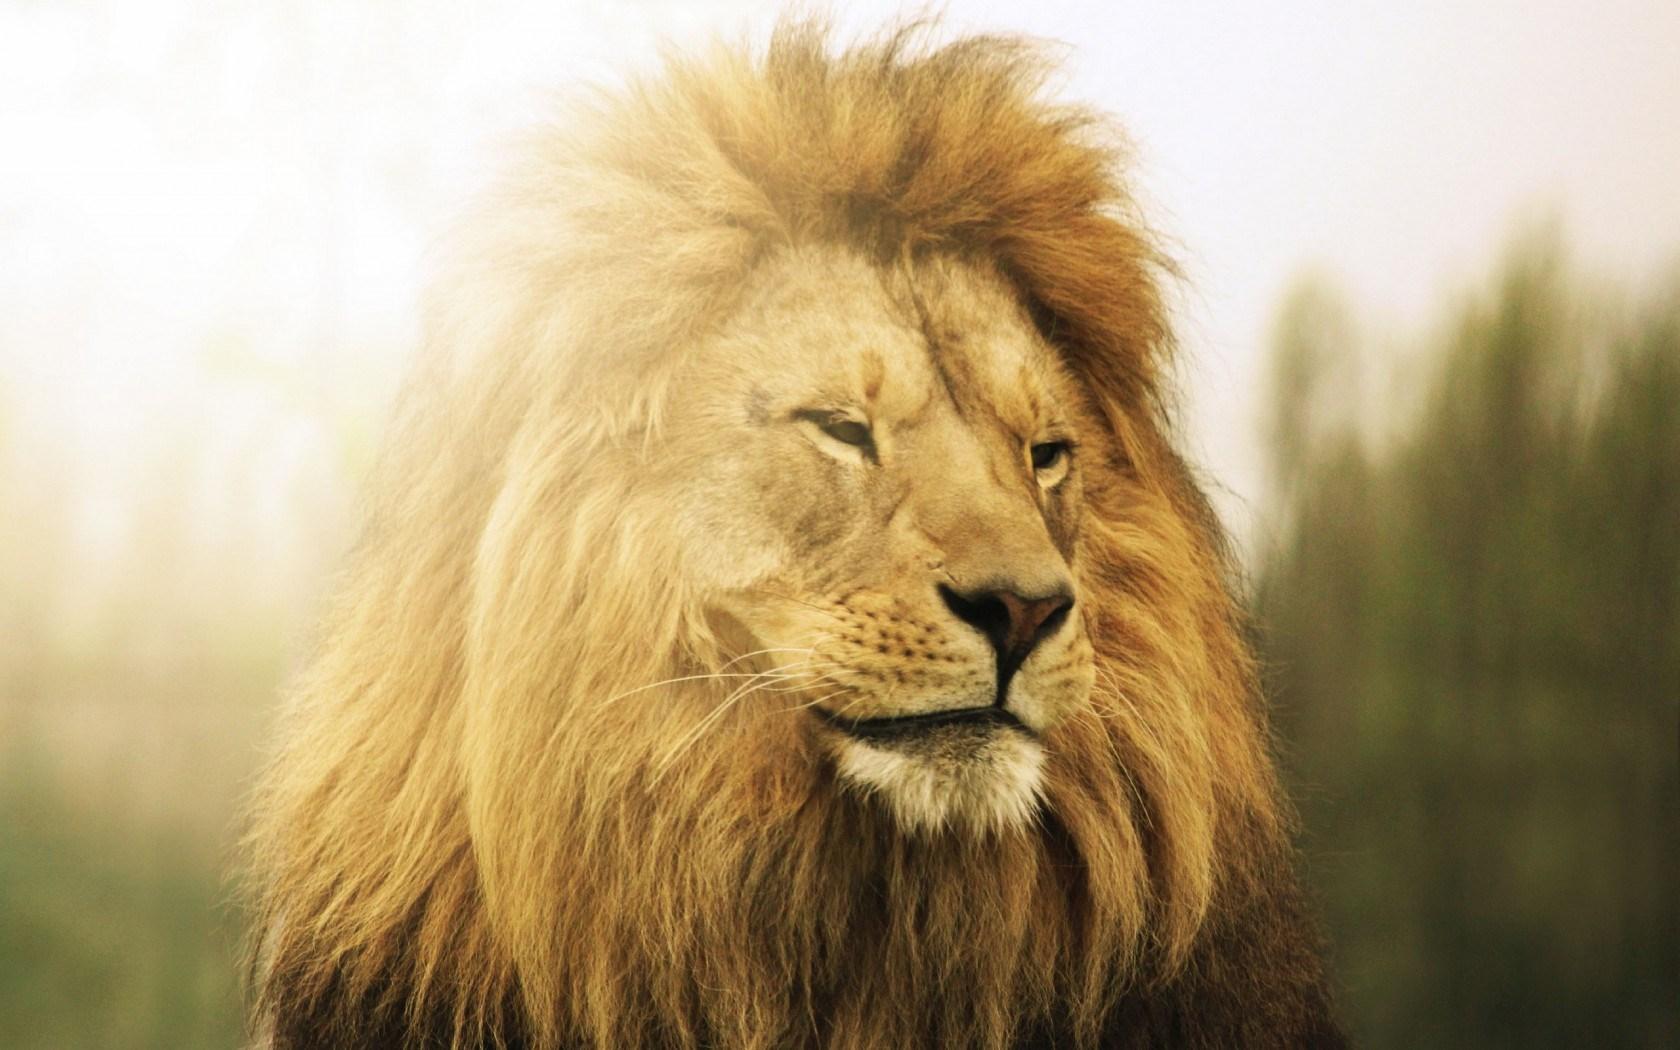 lion face hd